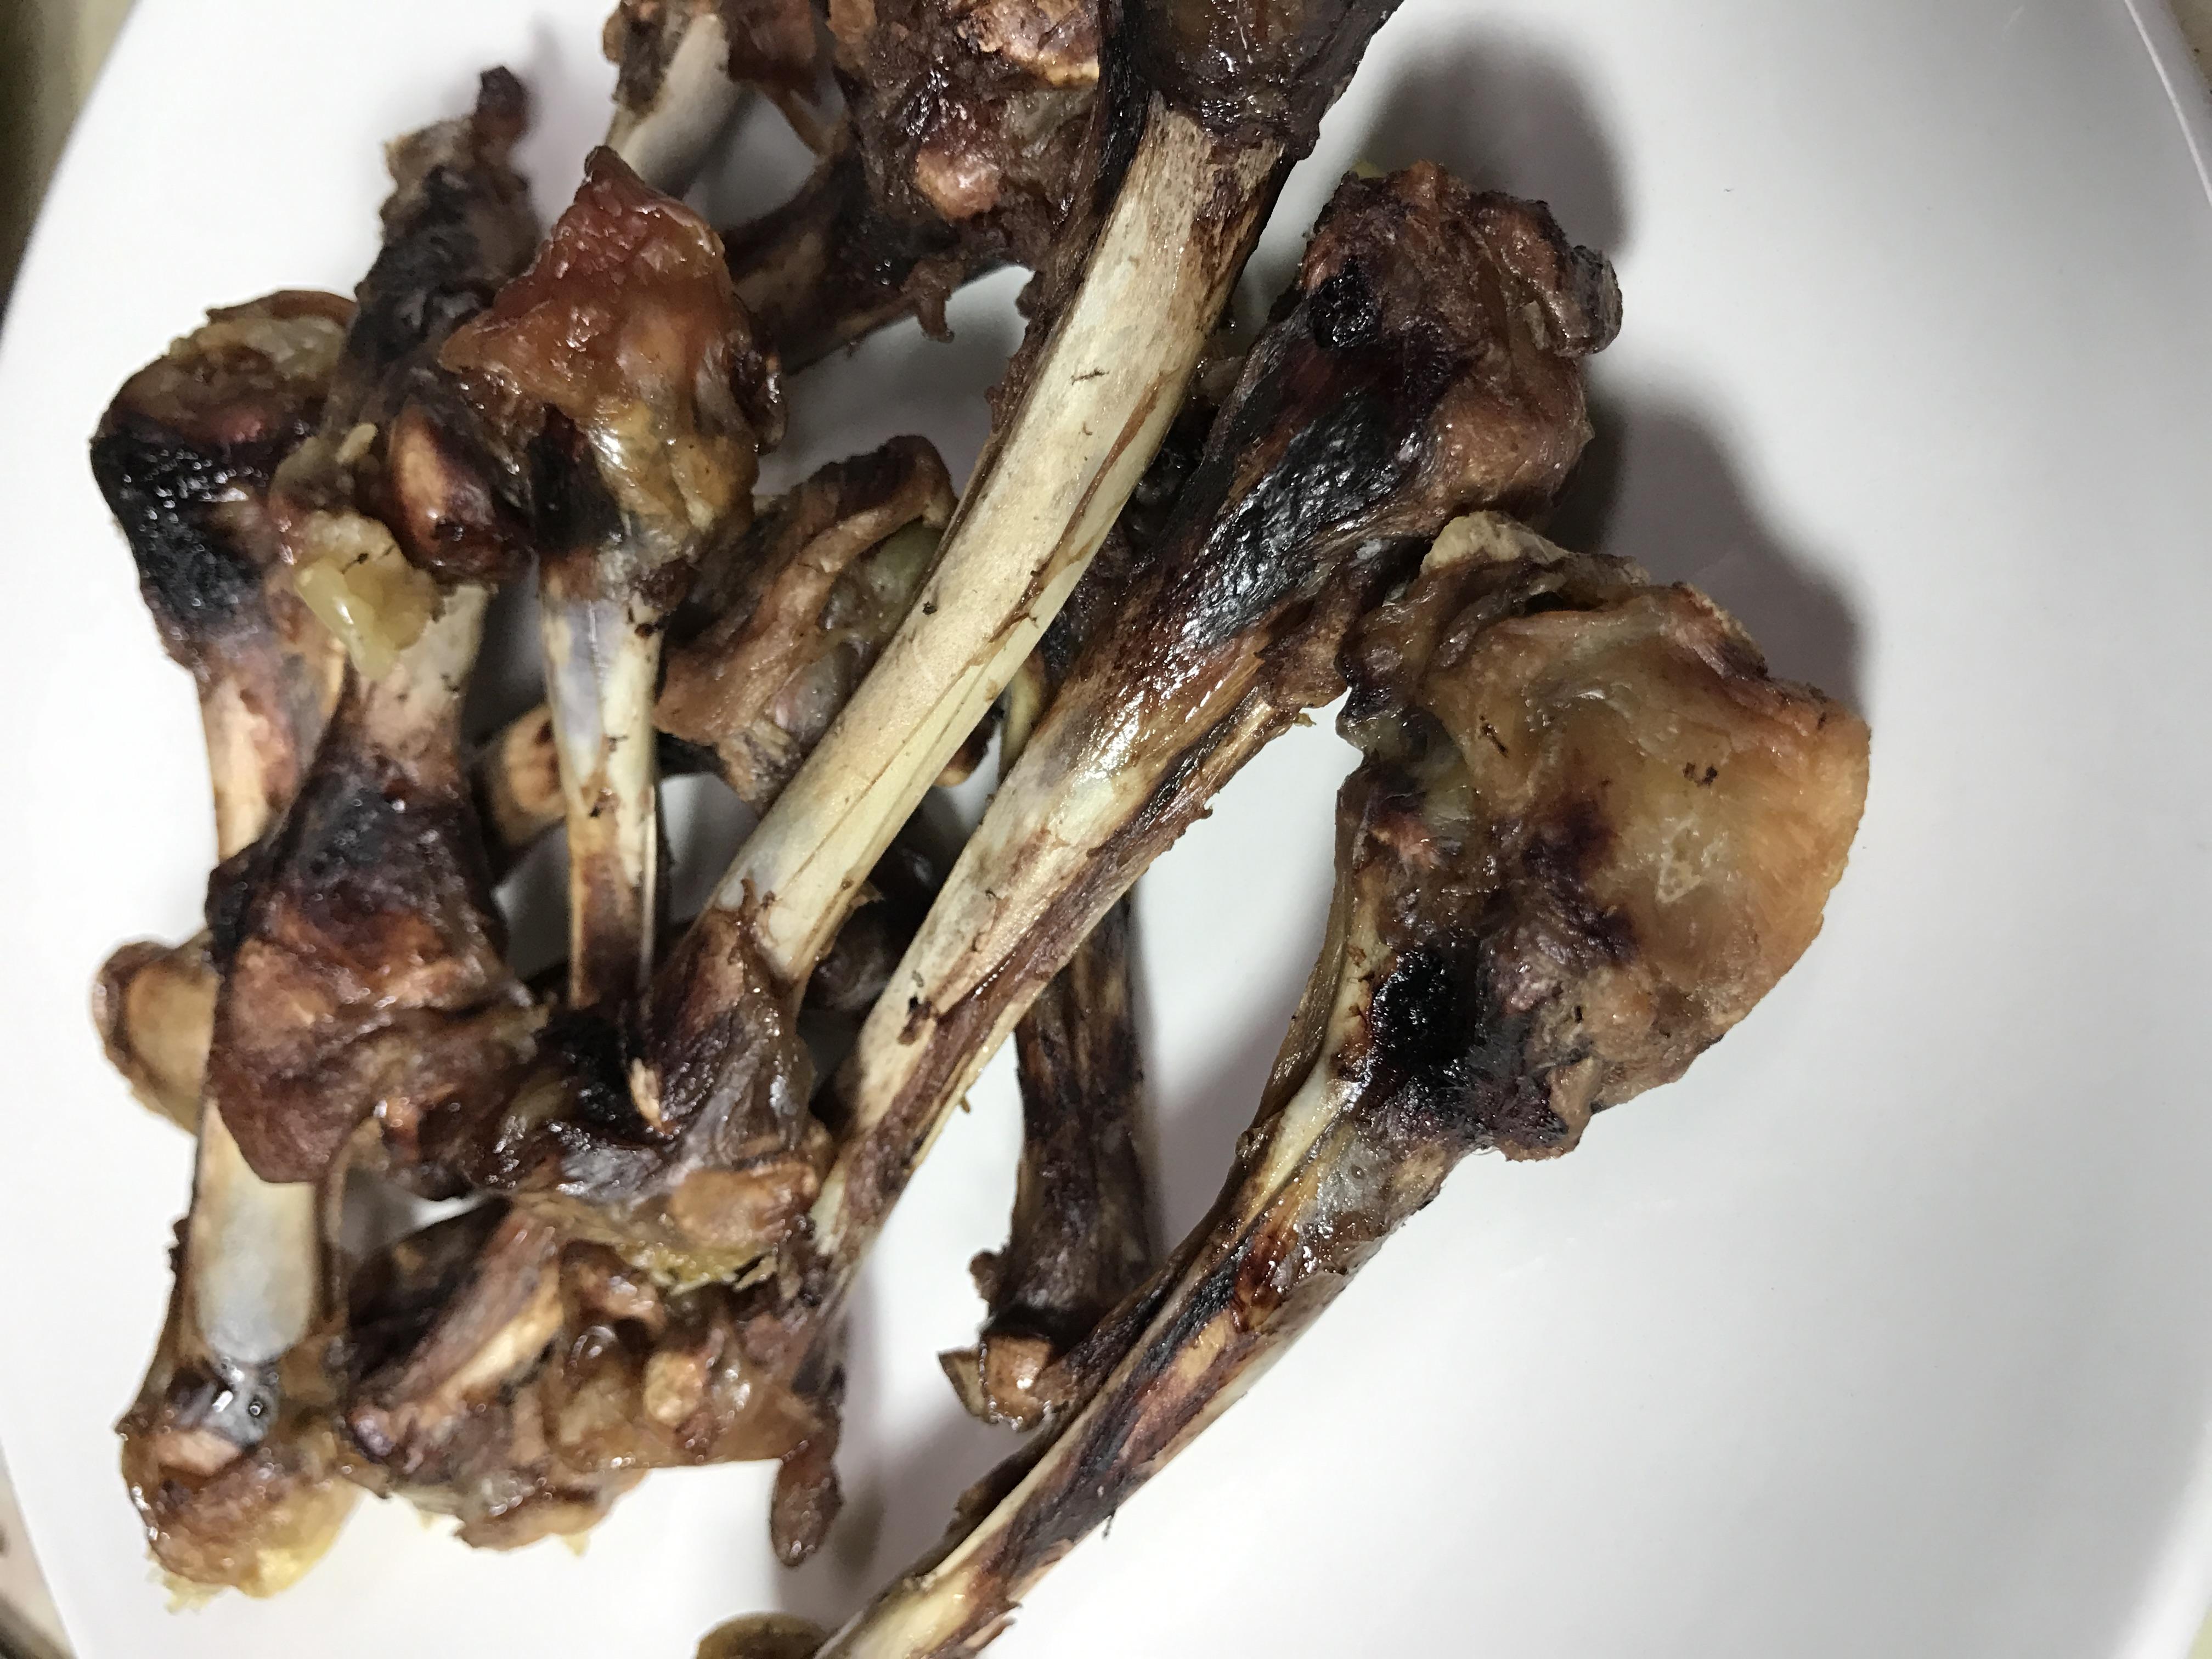 雞骨 Chicken bones